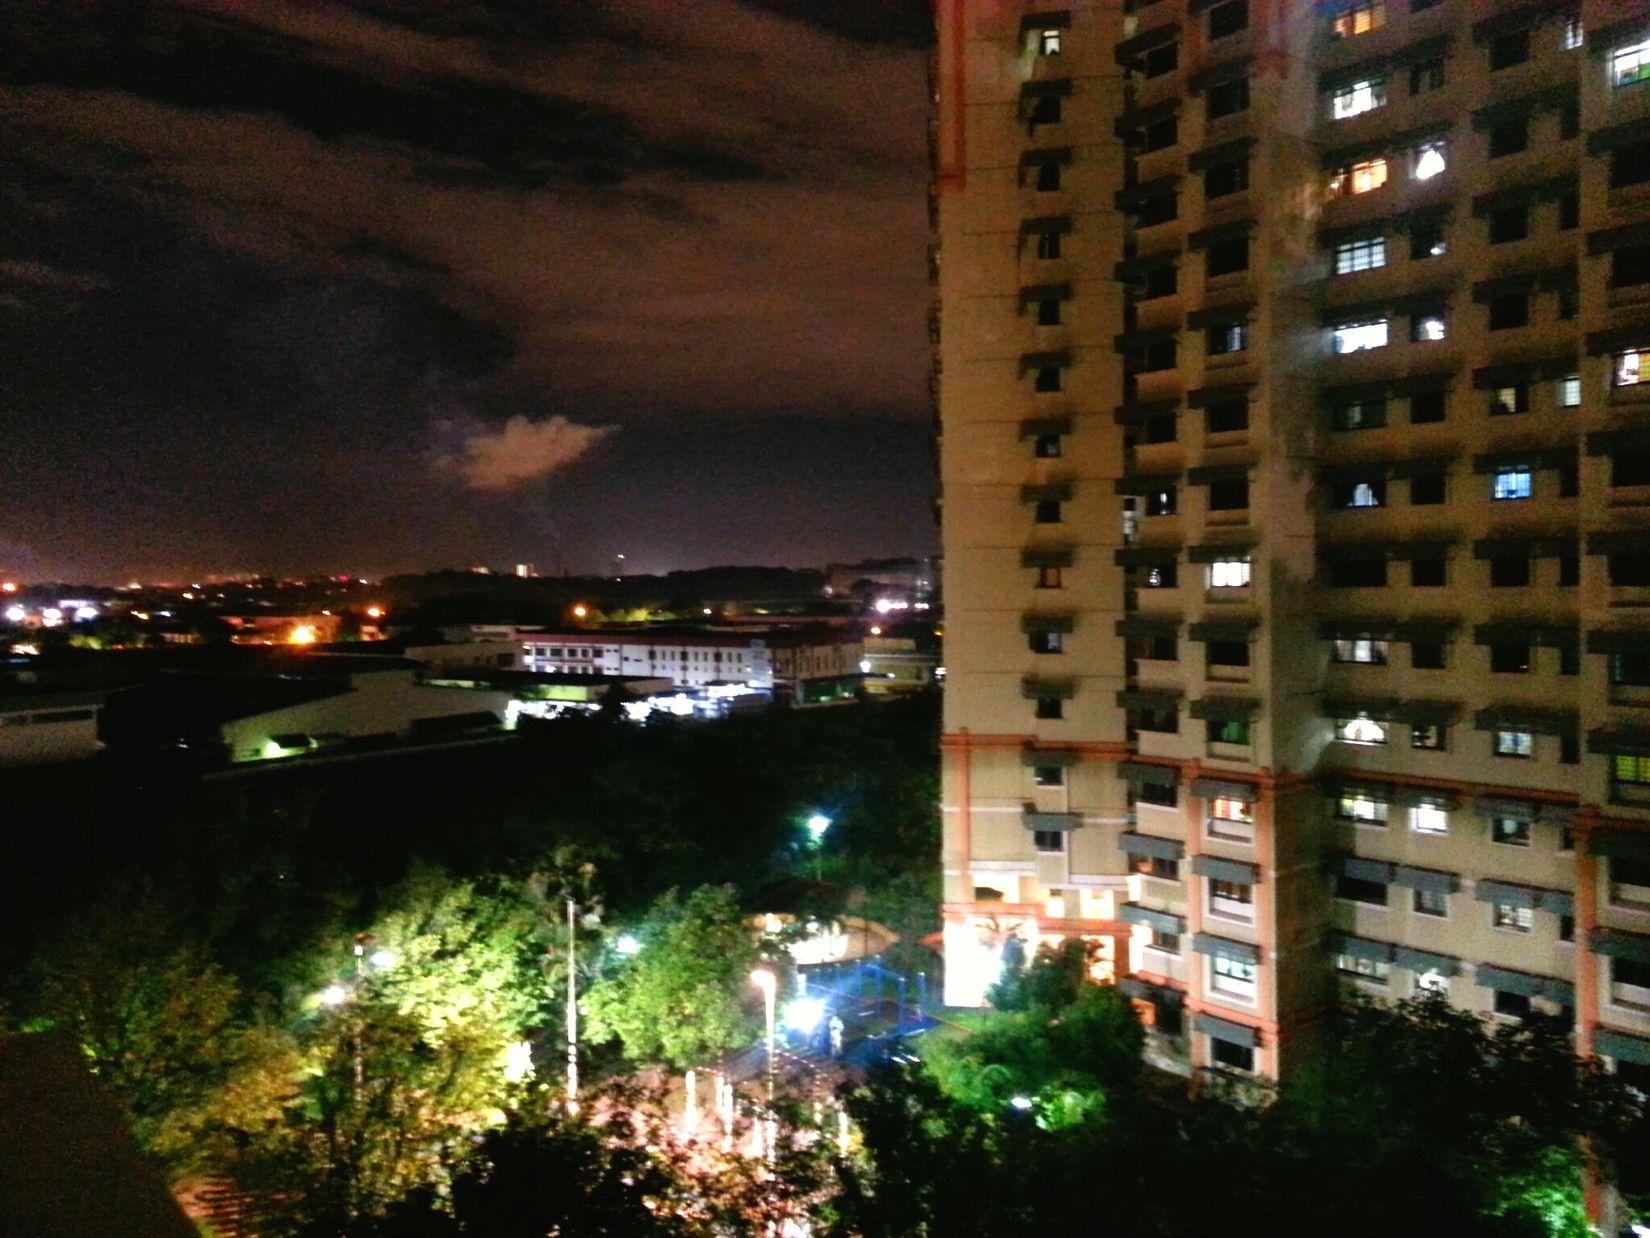 Nice night view